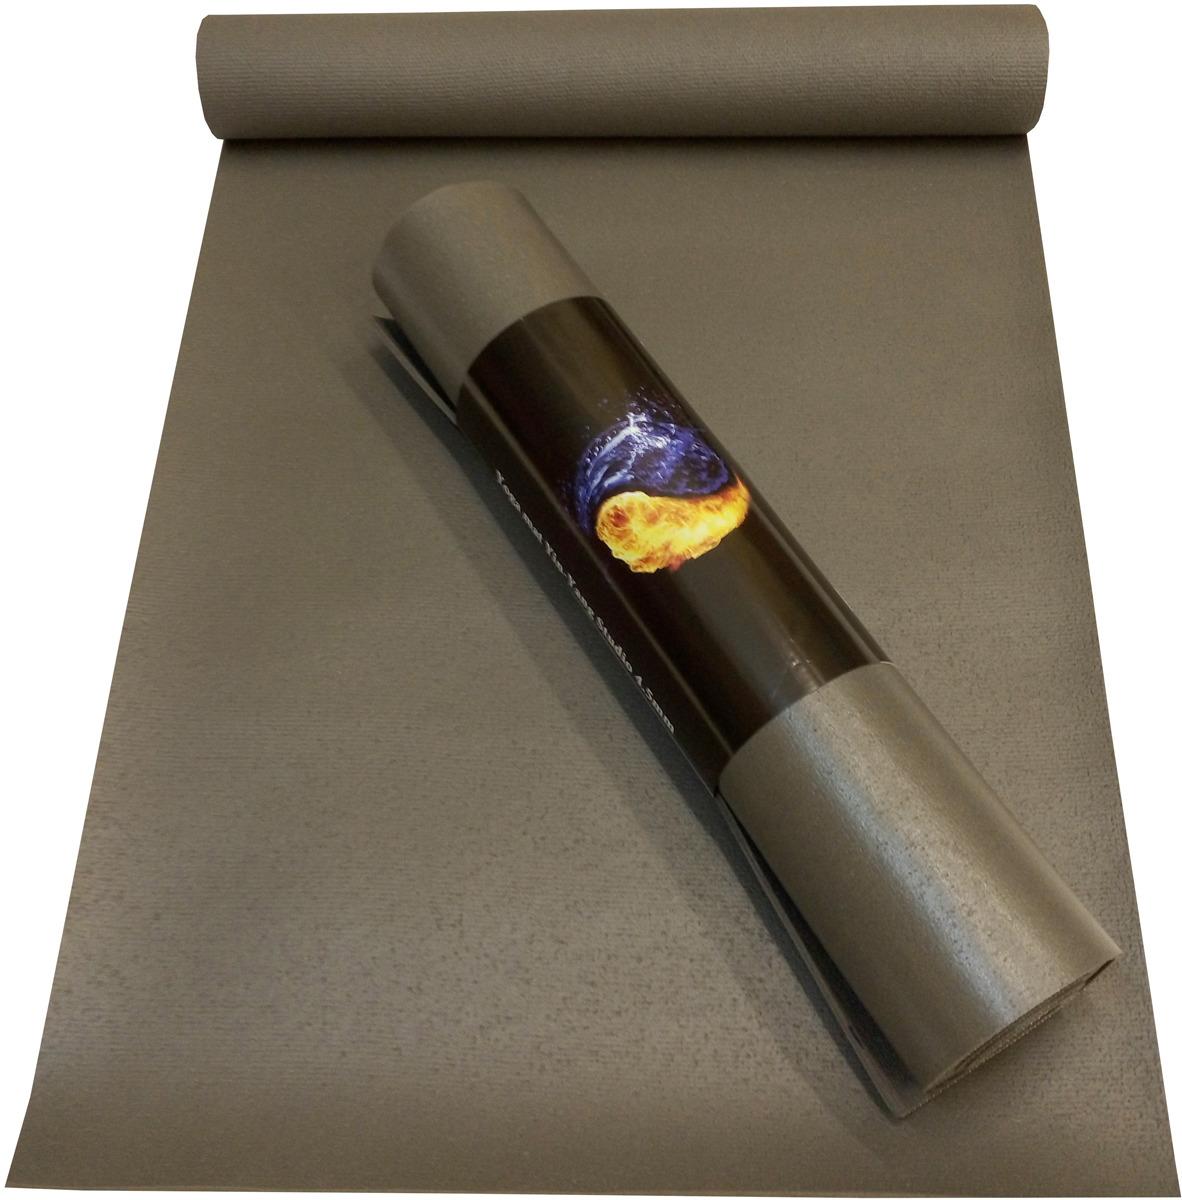 Коврик для йоги Ako-Yoga Yin-Yang Studio, цвет: серый, 175 х 60 х 0,45 см8000728147133Коврик для йоги Yin-Yang Studio толщиной 4,5 мм – без сомнения можно назвать самым популярным ковриком для йоги в России. Широкая цветовая гамма, умеренный вес, отсутствие запаха, идеальная сцепка с любой поверхностью пола, отличные противоскользящие свойства, всё это привлекает как новичков так и профессиональных йогинов. Yin-Yang Studio толщиной 4,5 мм – это качество проверенное временем сли Вы хотите себе надежный и износостойкий коврик - это Ваш вариант. Коврик сделан по уникальной технологии, которая позволяет Вам не заботится о нагрузках в практике с боязнью, что главный аксессуар для практики подведет Вас. Толщина 4,5 мм идеальна для любого стиля йоги. Например, для йоги Айенгара он будет очень хорош при начале практики, т.к. коврик не слишком жесткий. Для Аштанги йоги это самая оптимальная толщина при небольшом весе коврика. Для всех остальных любителей Хатхи йоги он просто будет самым верным спутником жизни.